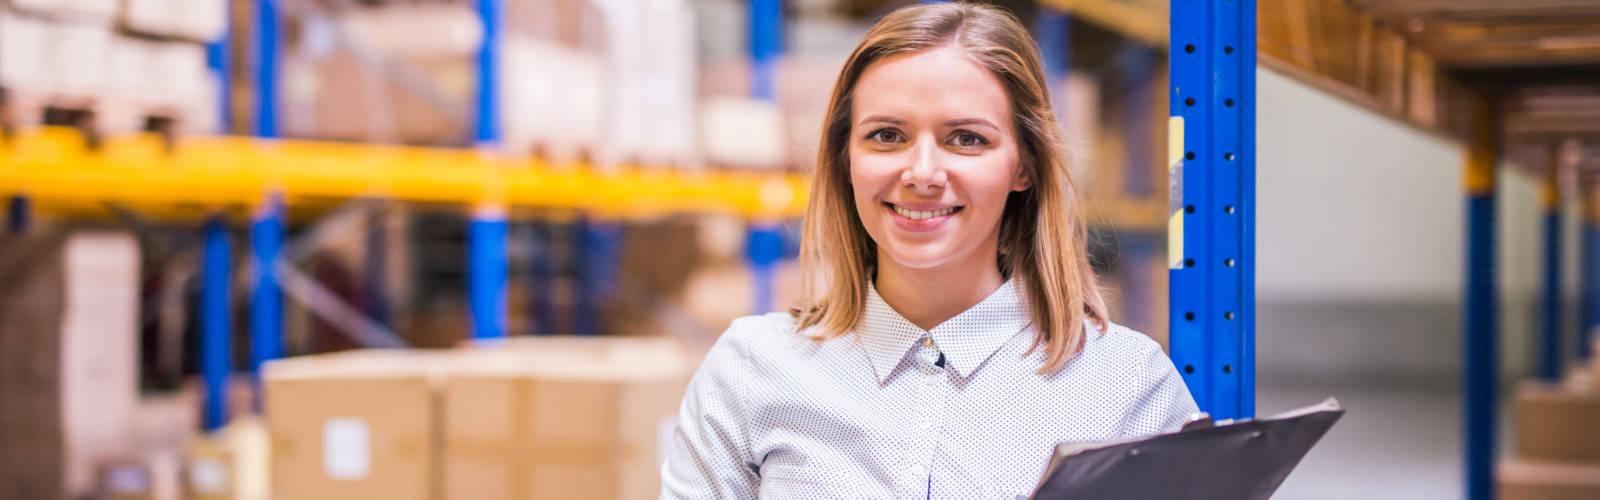 glückliche Mitarbeiterin der Handelsvertretung Roesler